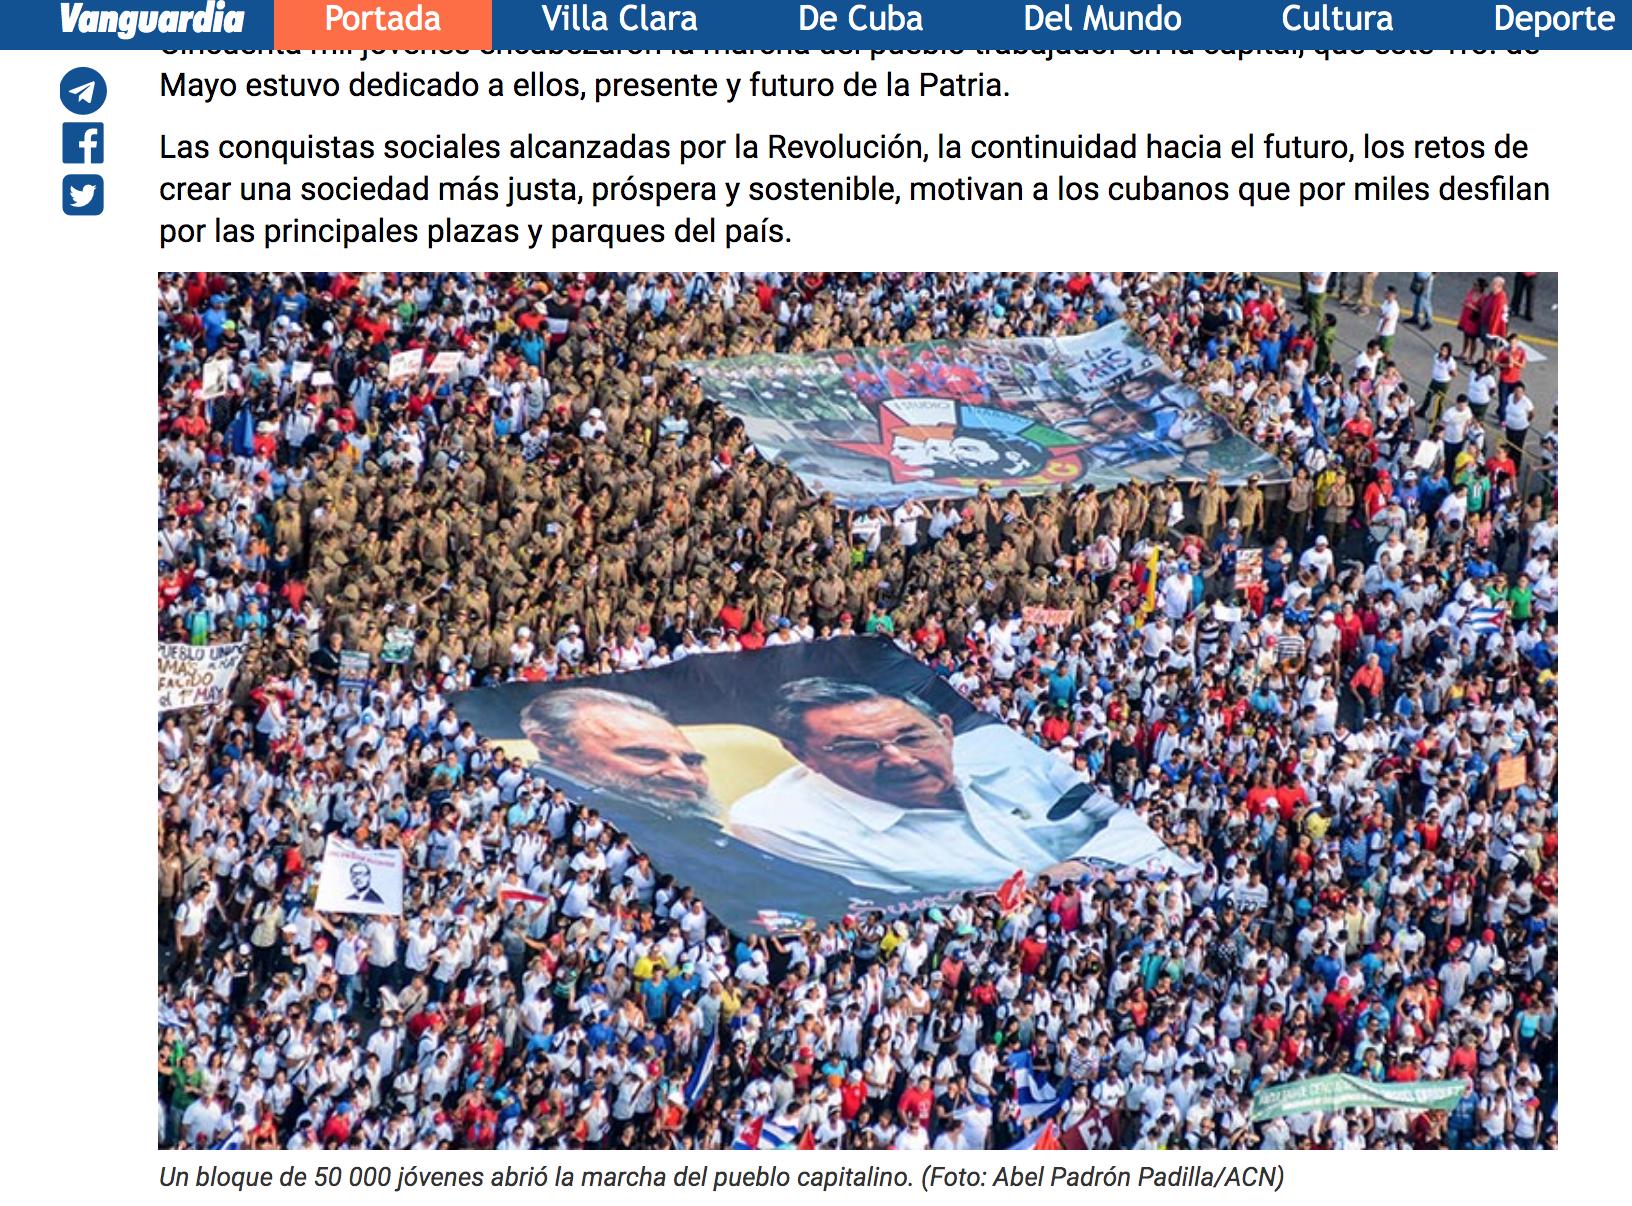 foto de marcha en Cuba